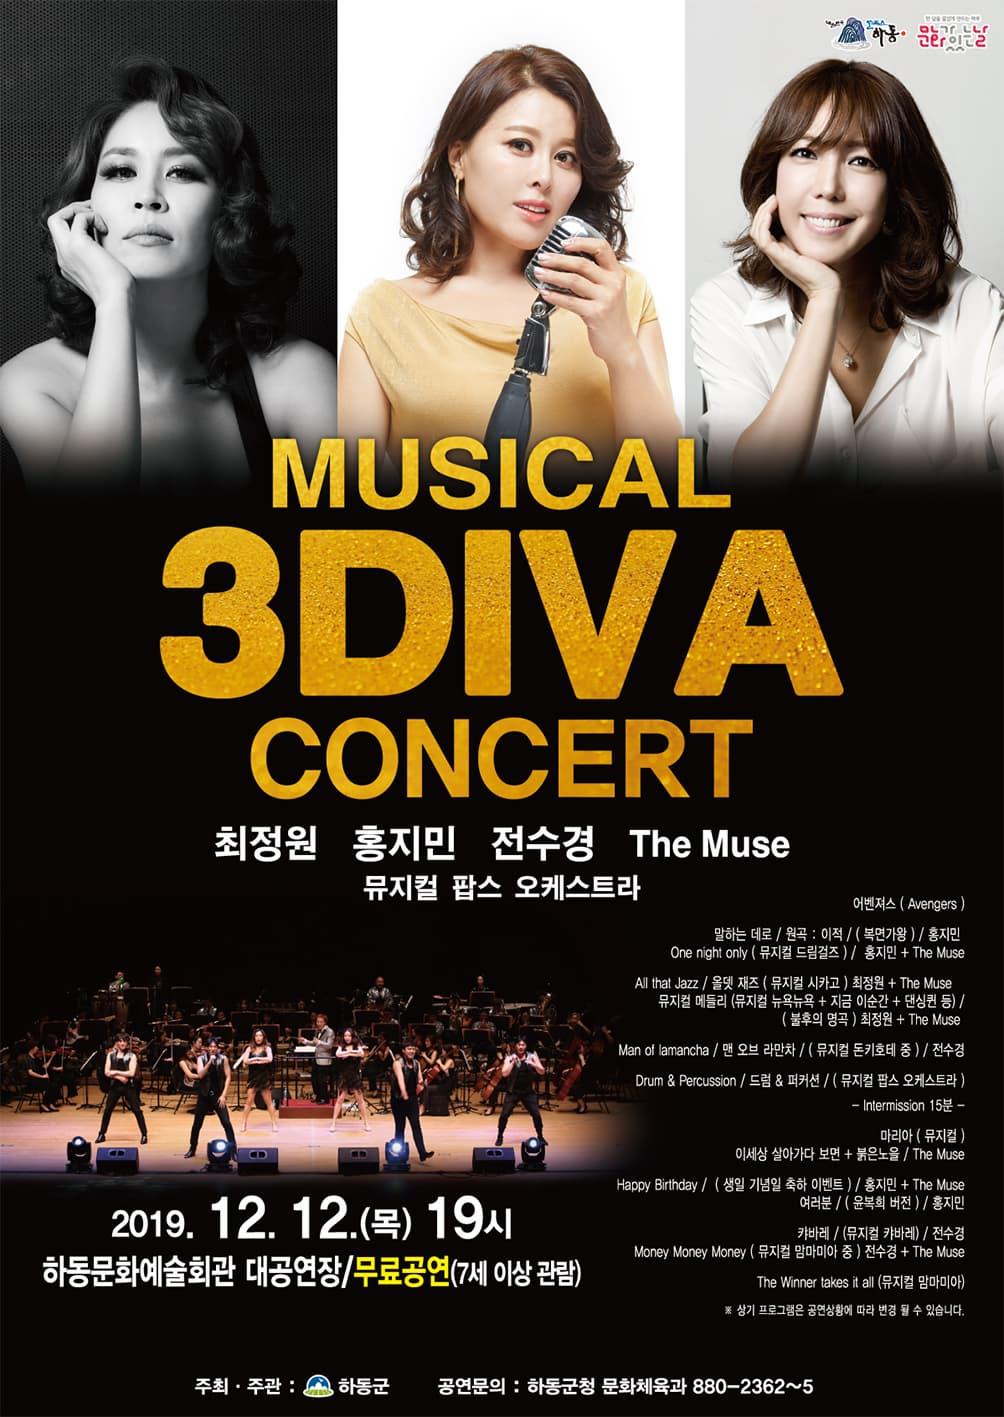 하동군 연말공연 <뮤지컬 3DIVA 콘서트>